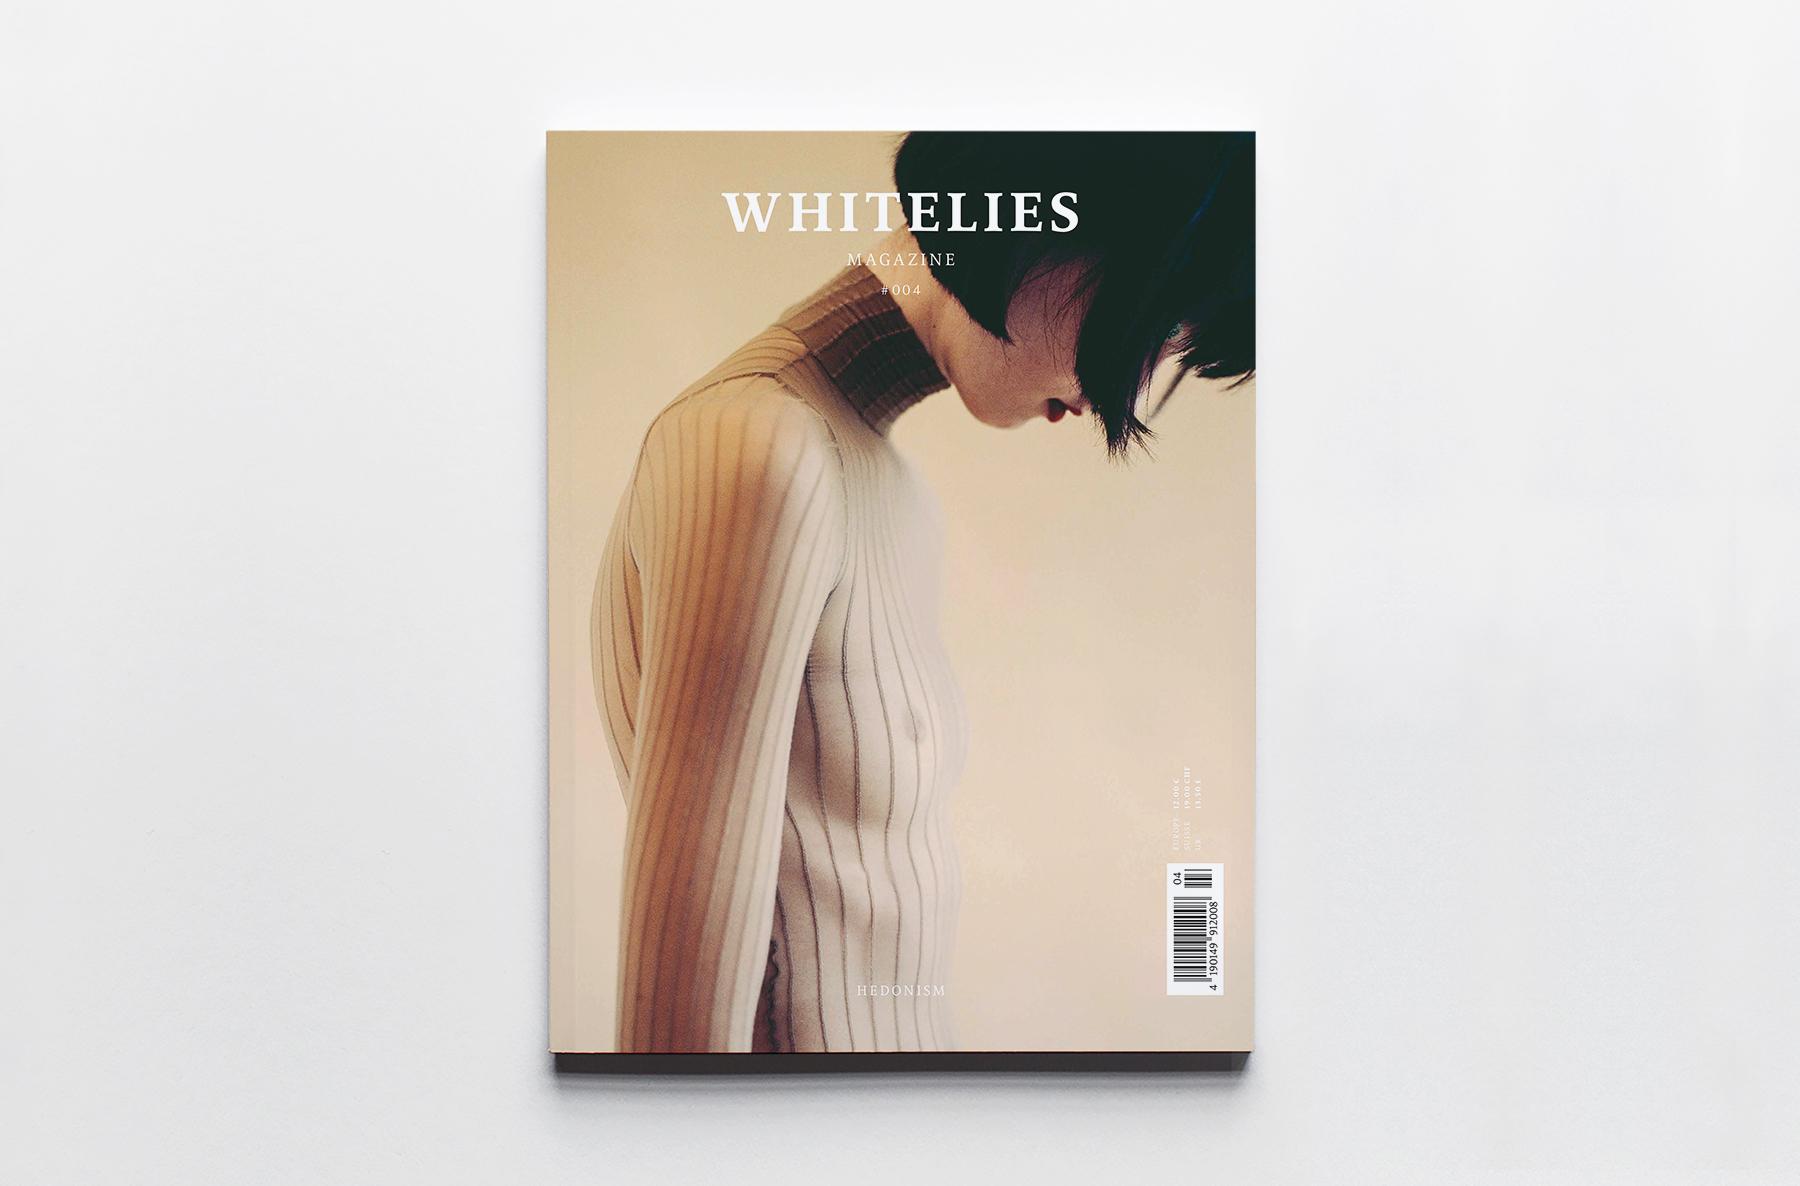 WhiteliesMagazine_004_Mockup_01.jpg